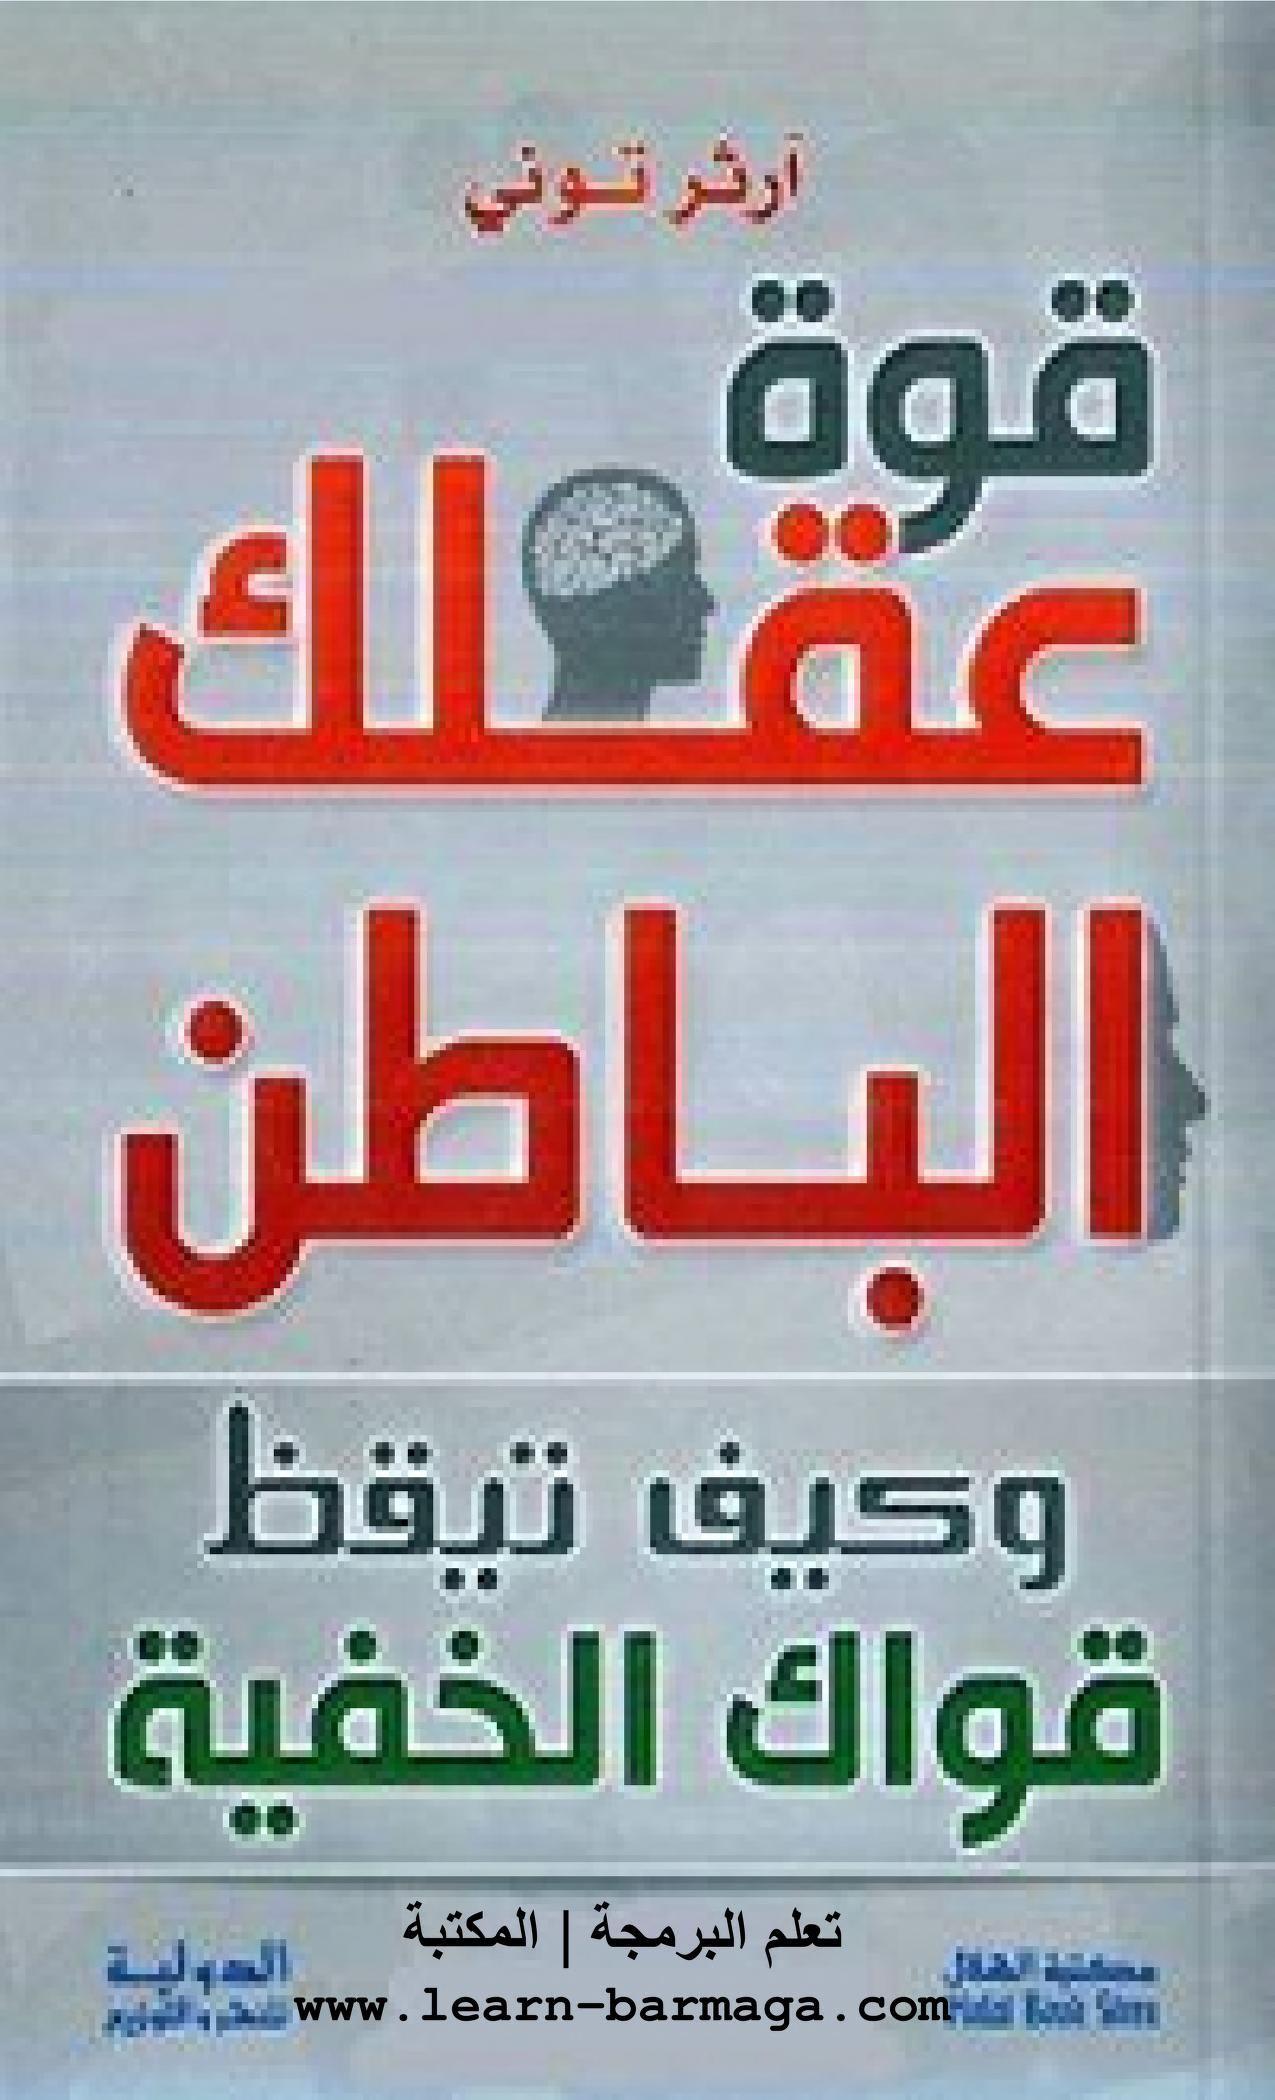 قراءة كتاب قوة عقلك الباطن بدون تحميل